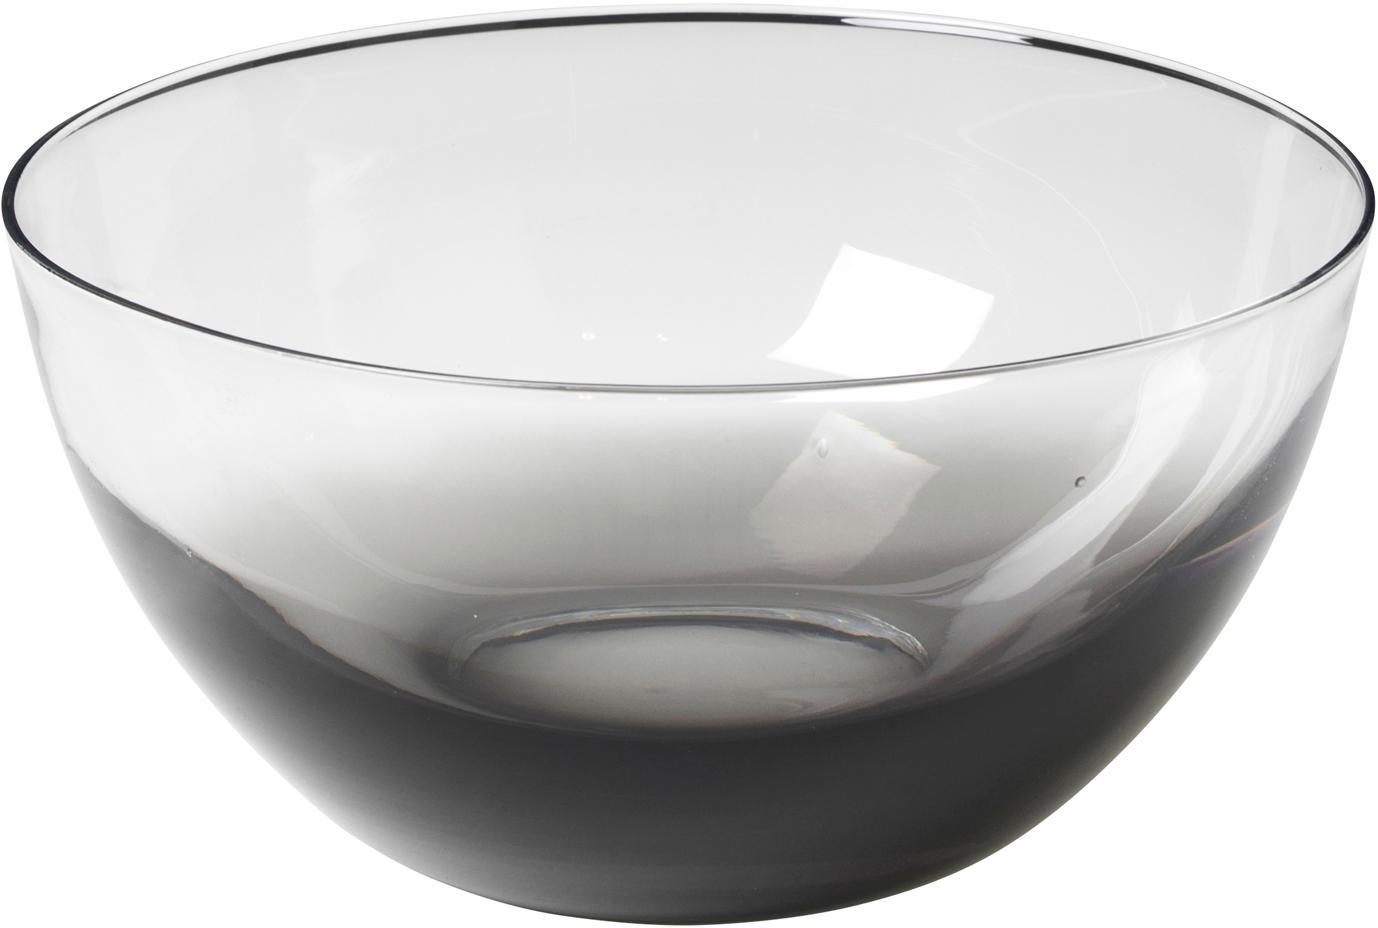 Ensaladera de vidrio soplado Smoke, Vidrio, Gris oscuro, transparente, Ø 25 x Al 12 cm